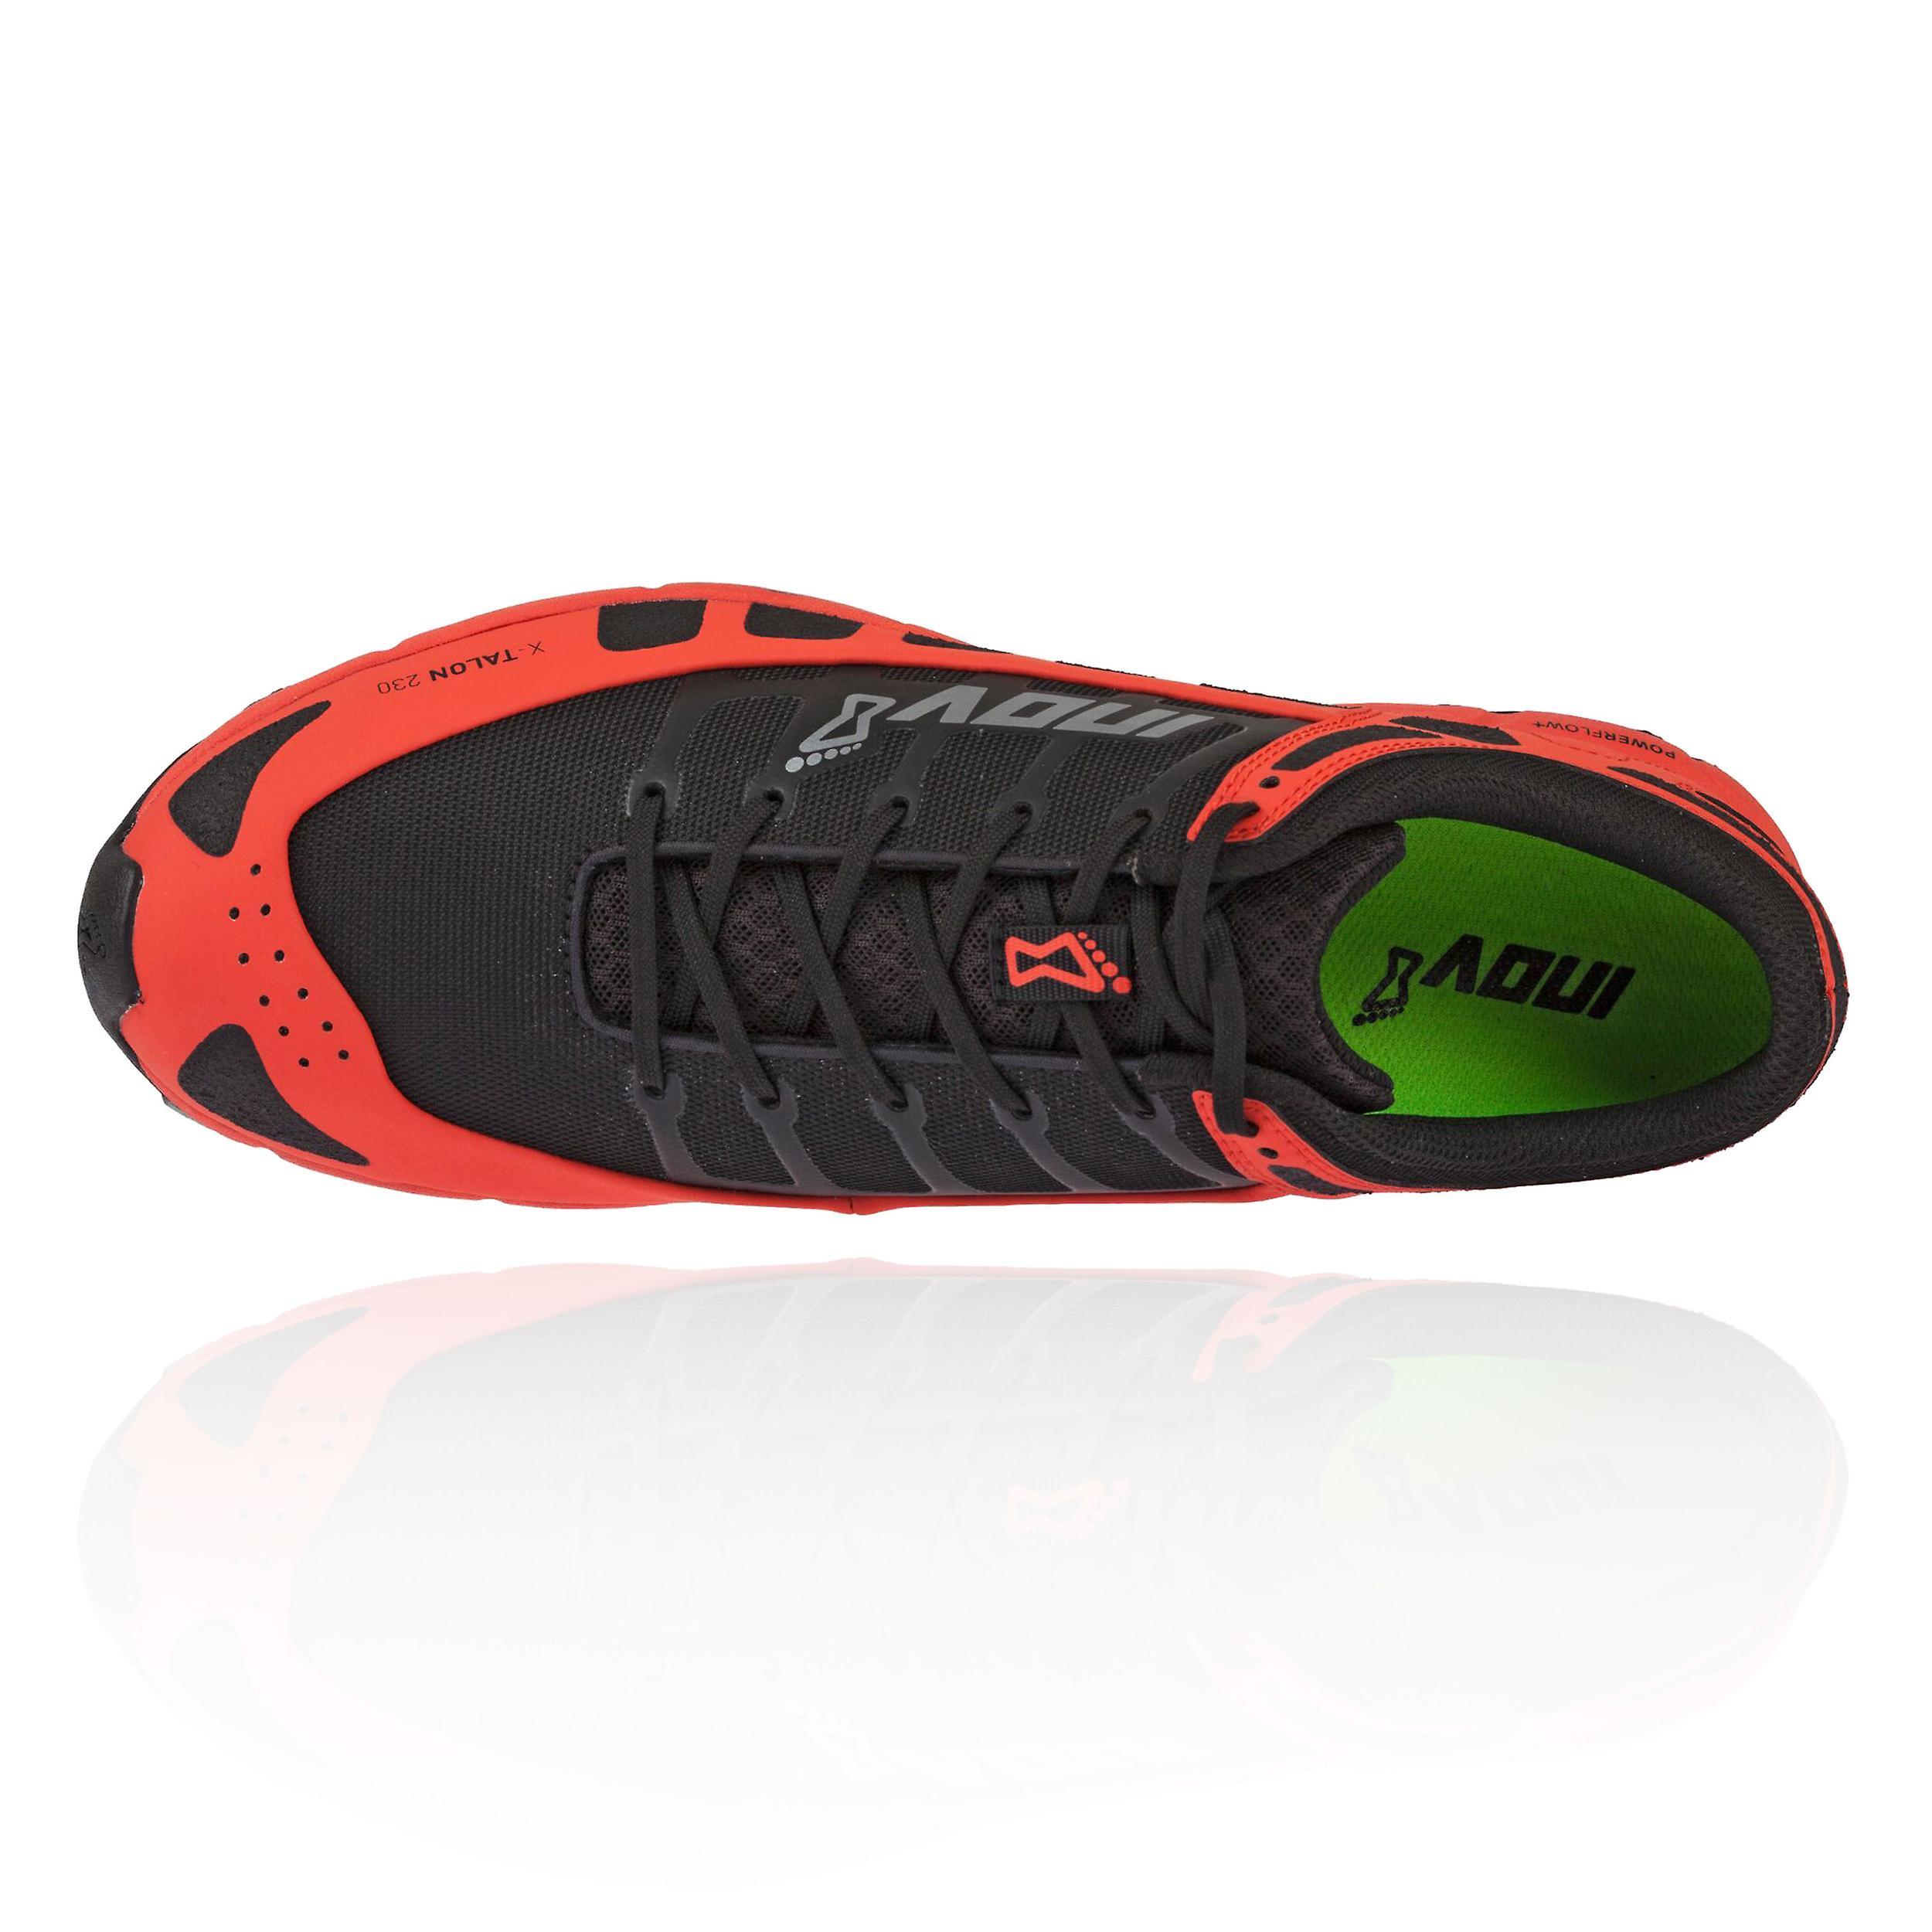 Inov8 X-talon 230 chaussures de Running Trail-AW19